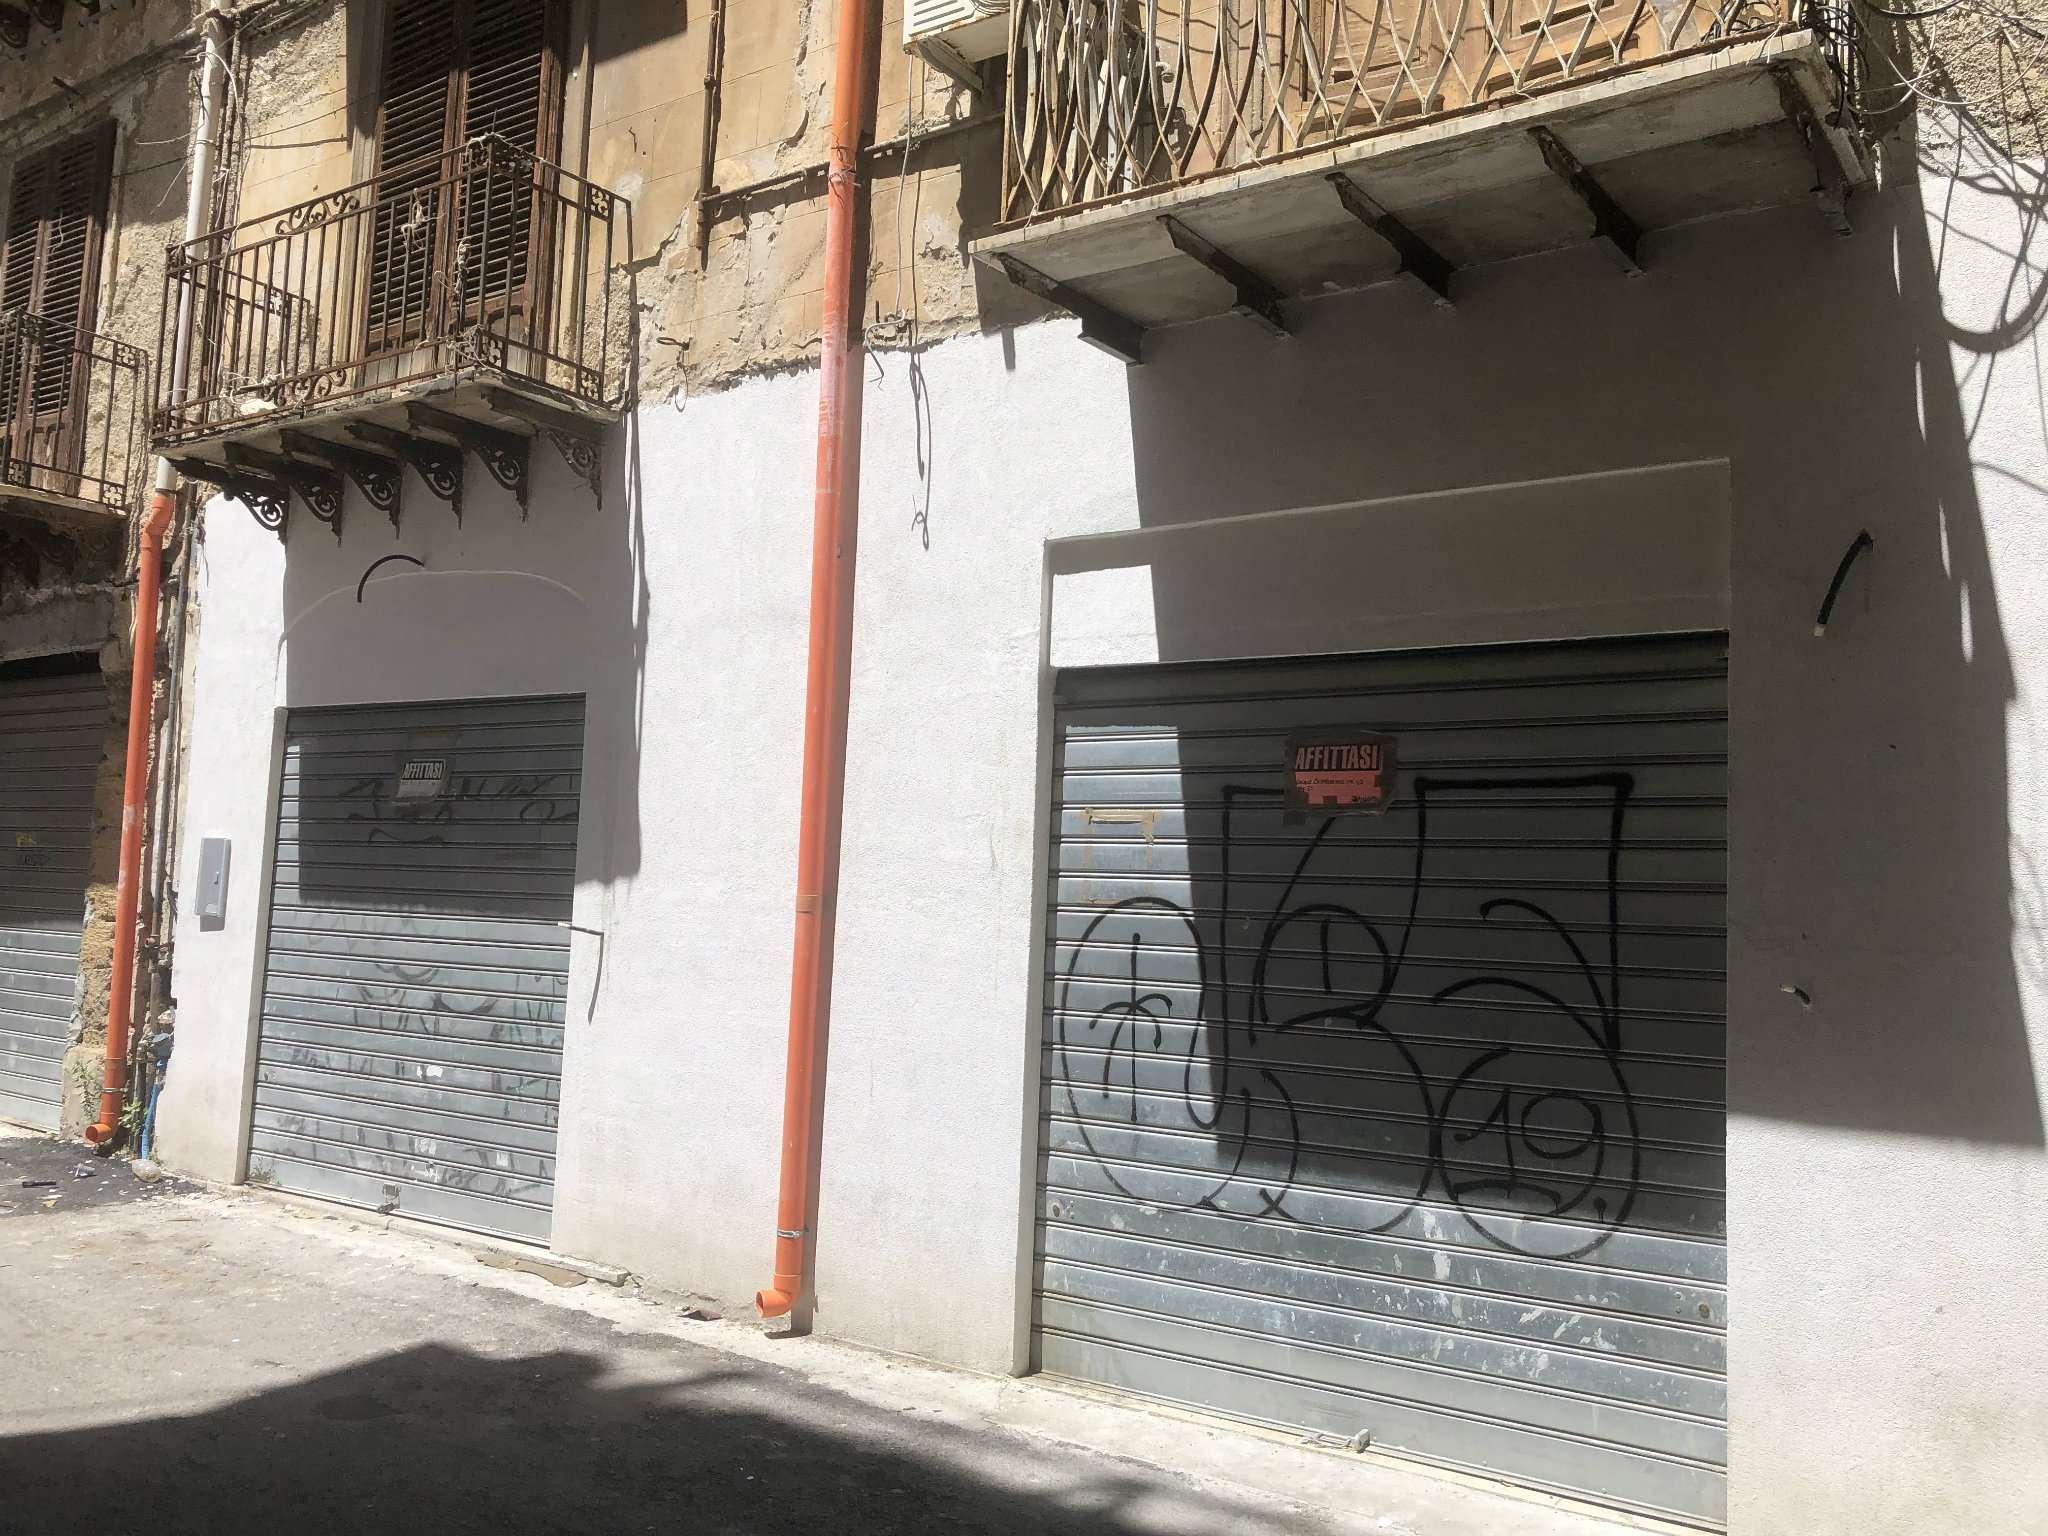 Negozio-locale in Affitto a Palermo: 1 locali, 28 mq